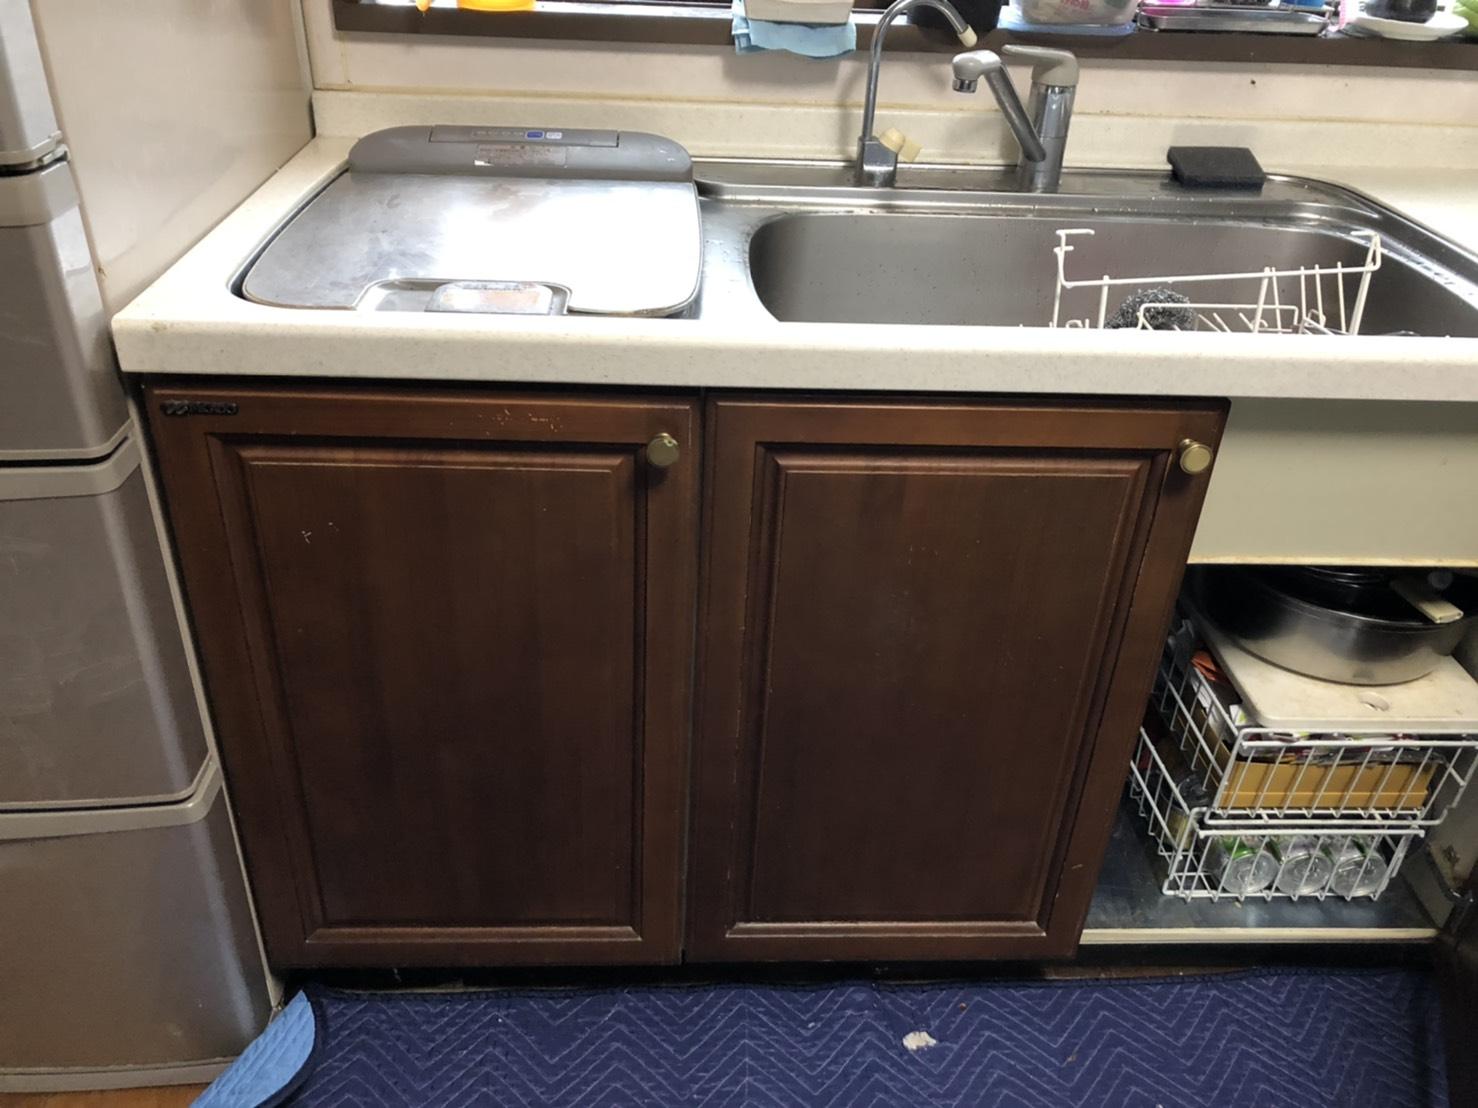 食洗機,トップオープン,取り付け,上開き,買い換え,交換,取り替え,リフォーム,ビルトイン,食洗機交換工事,取り付け,